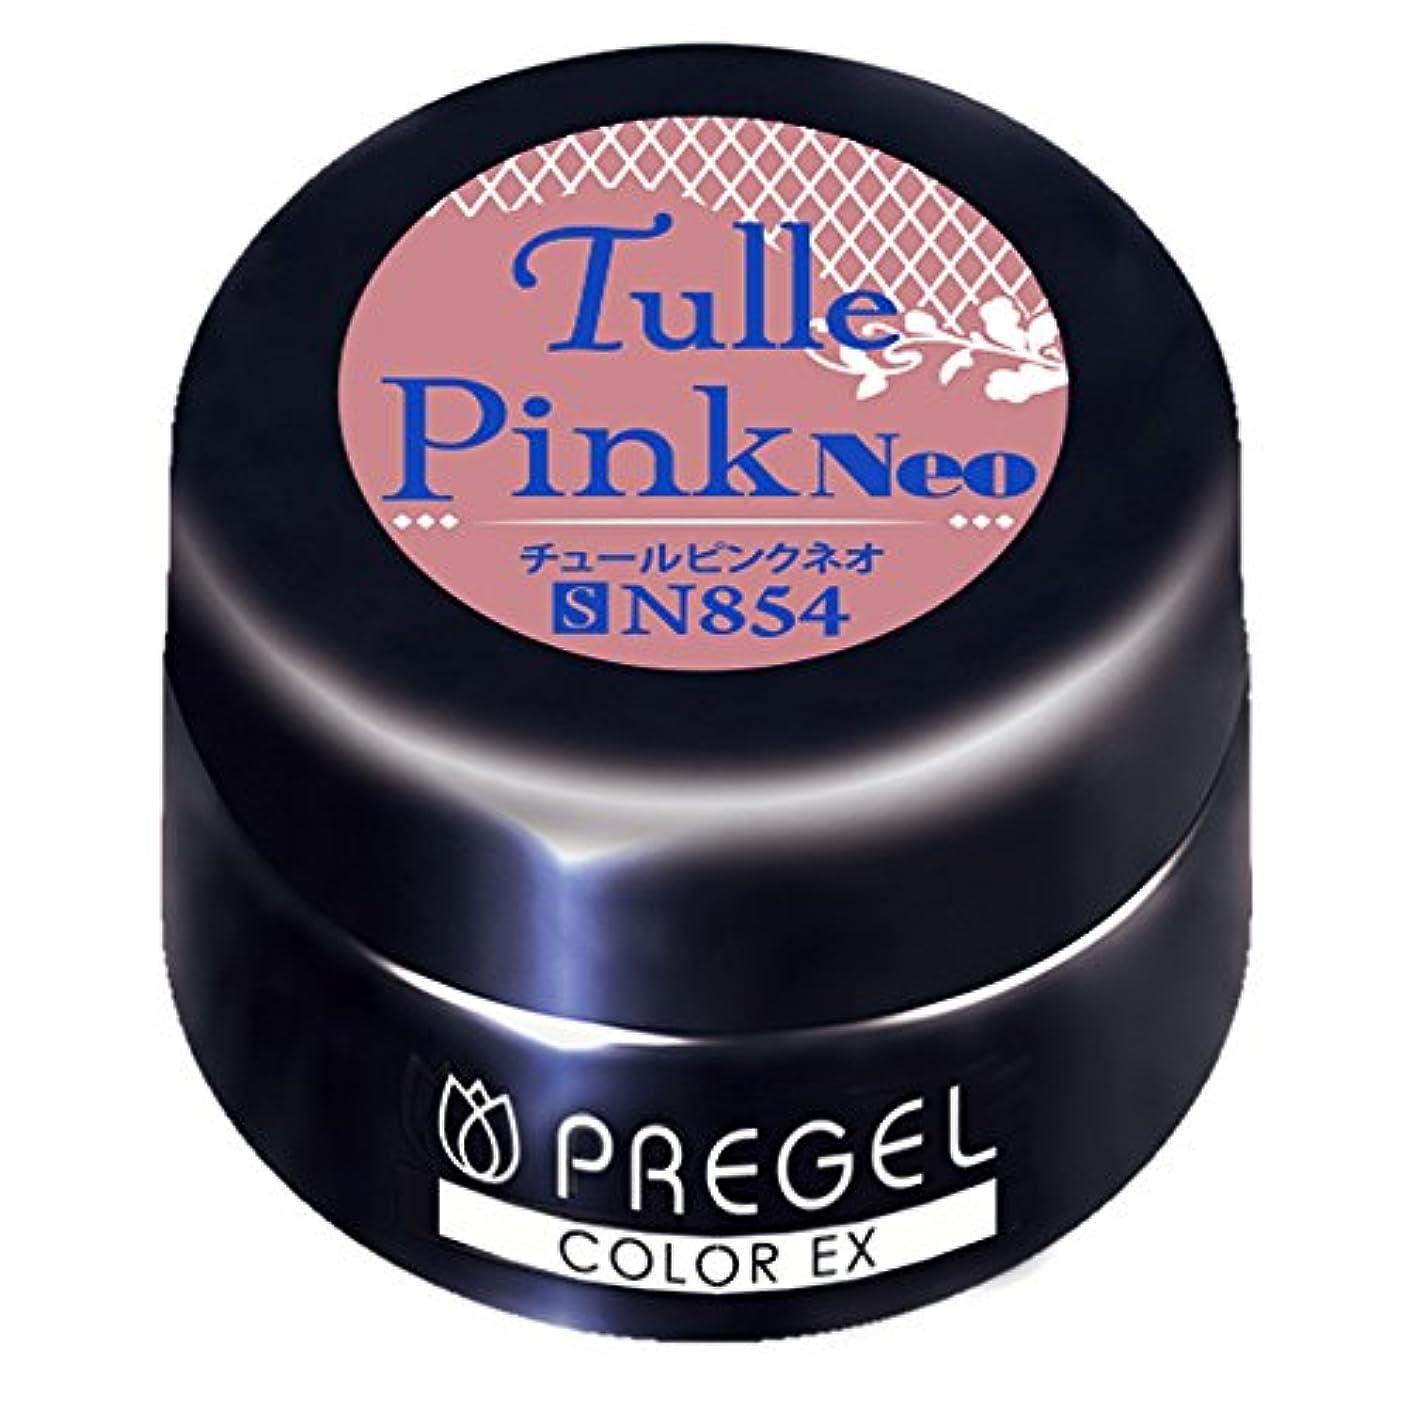 隔離学部長定義PRE GEL カラーEX チュールピンクneo854 3g UV/LED対応